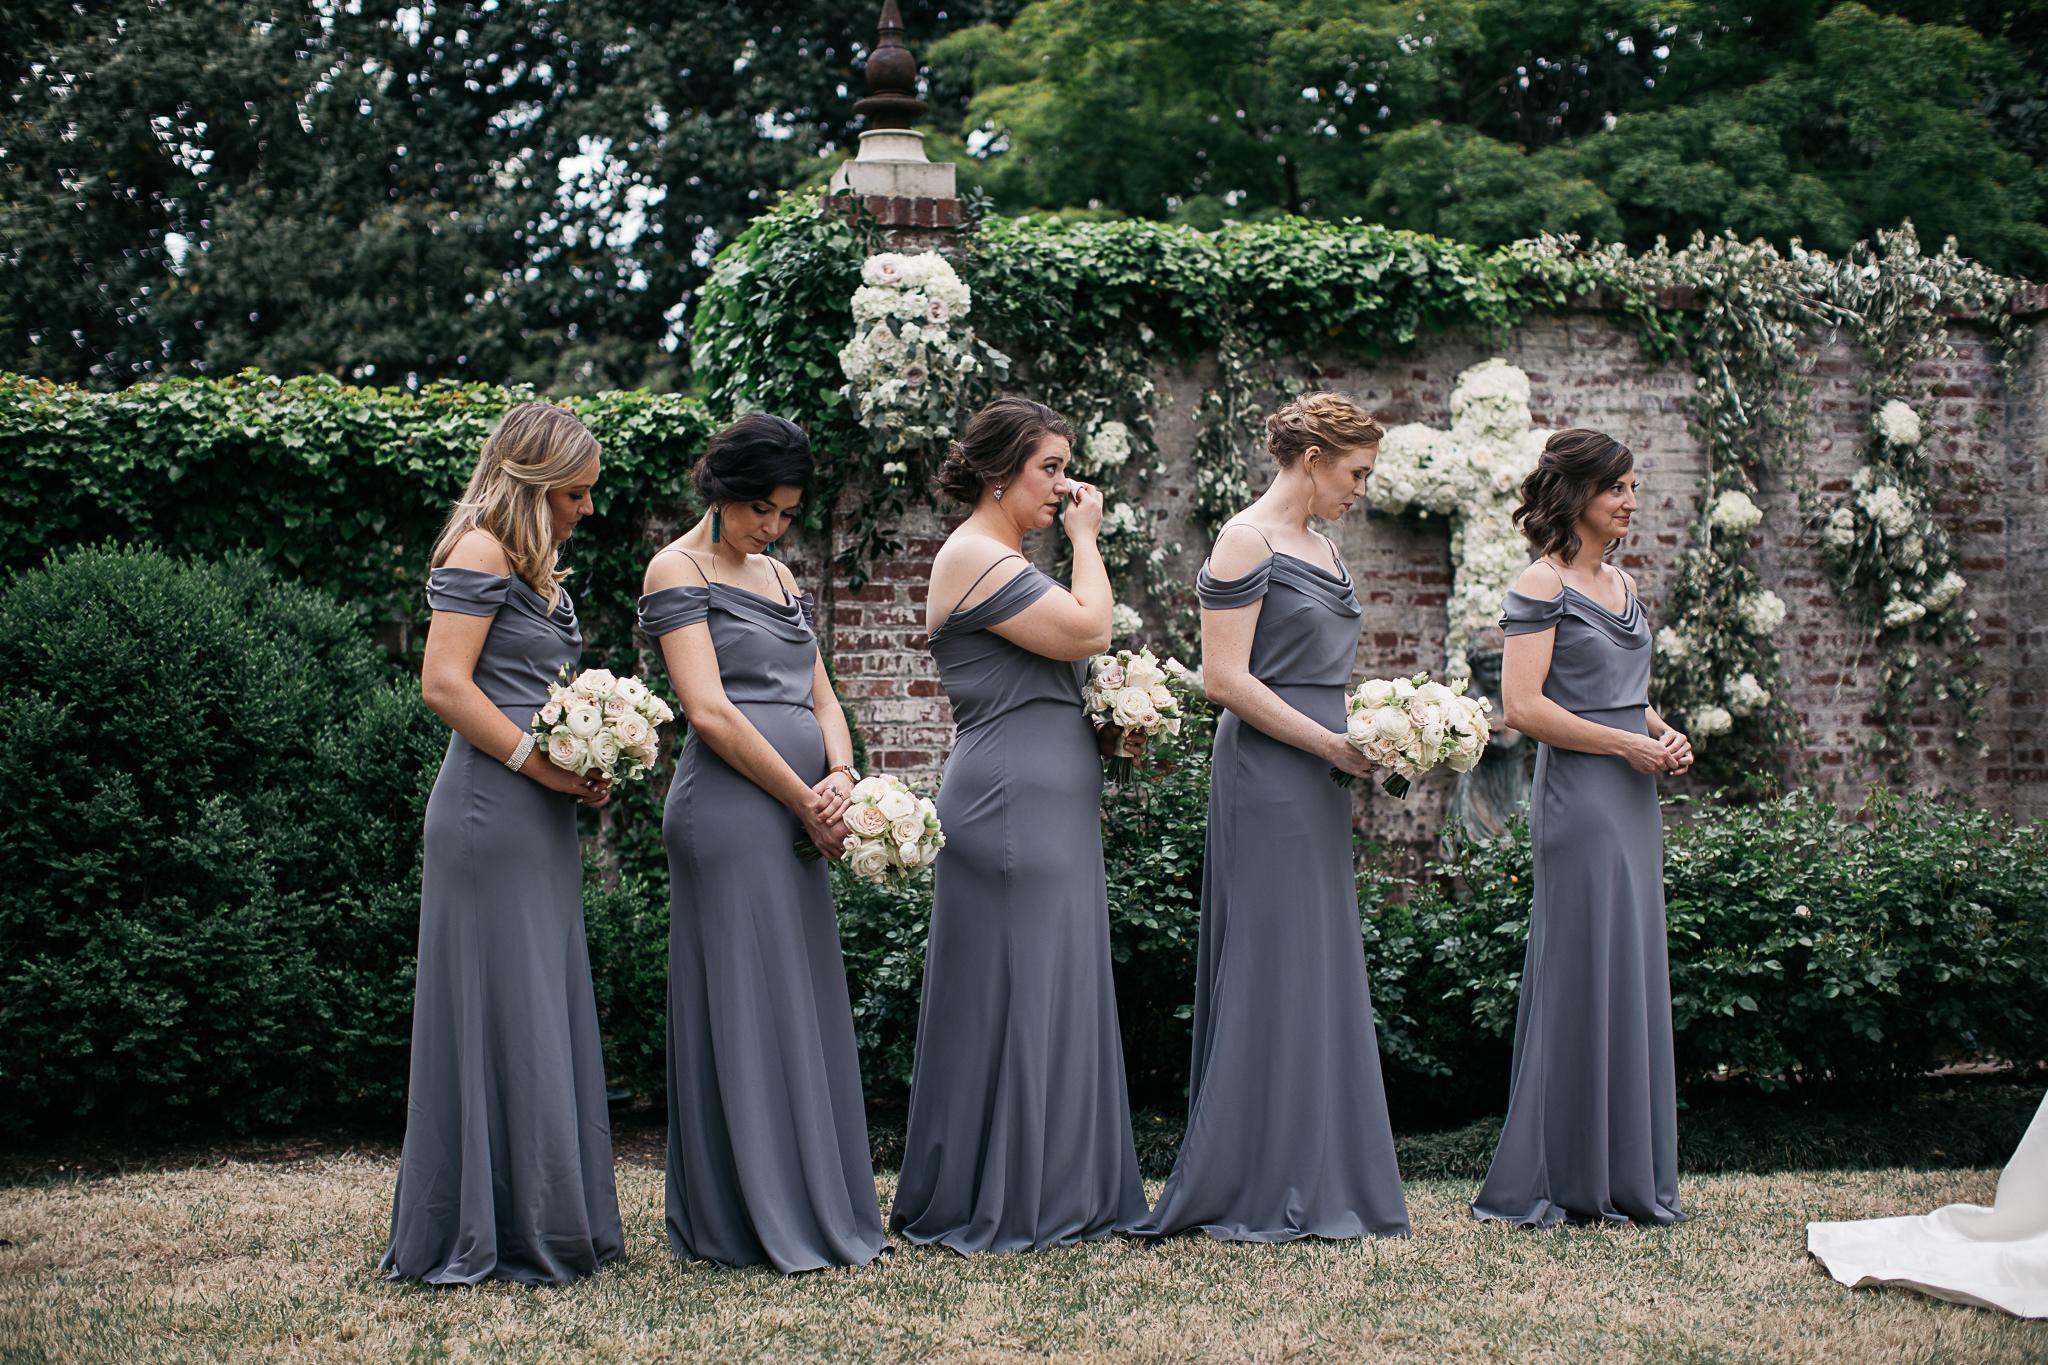 HannahandAndrew-thewarmtharoundyou-wedding12.jpg